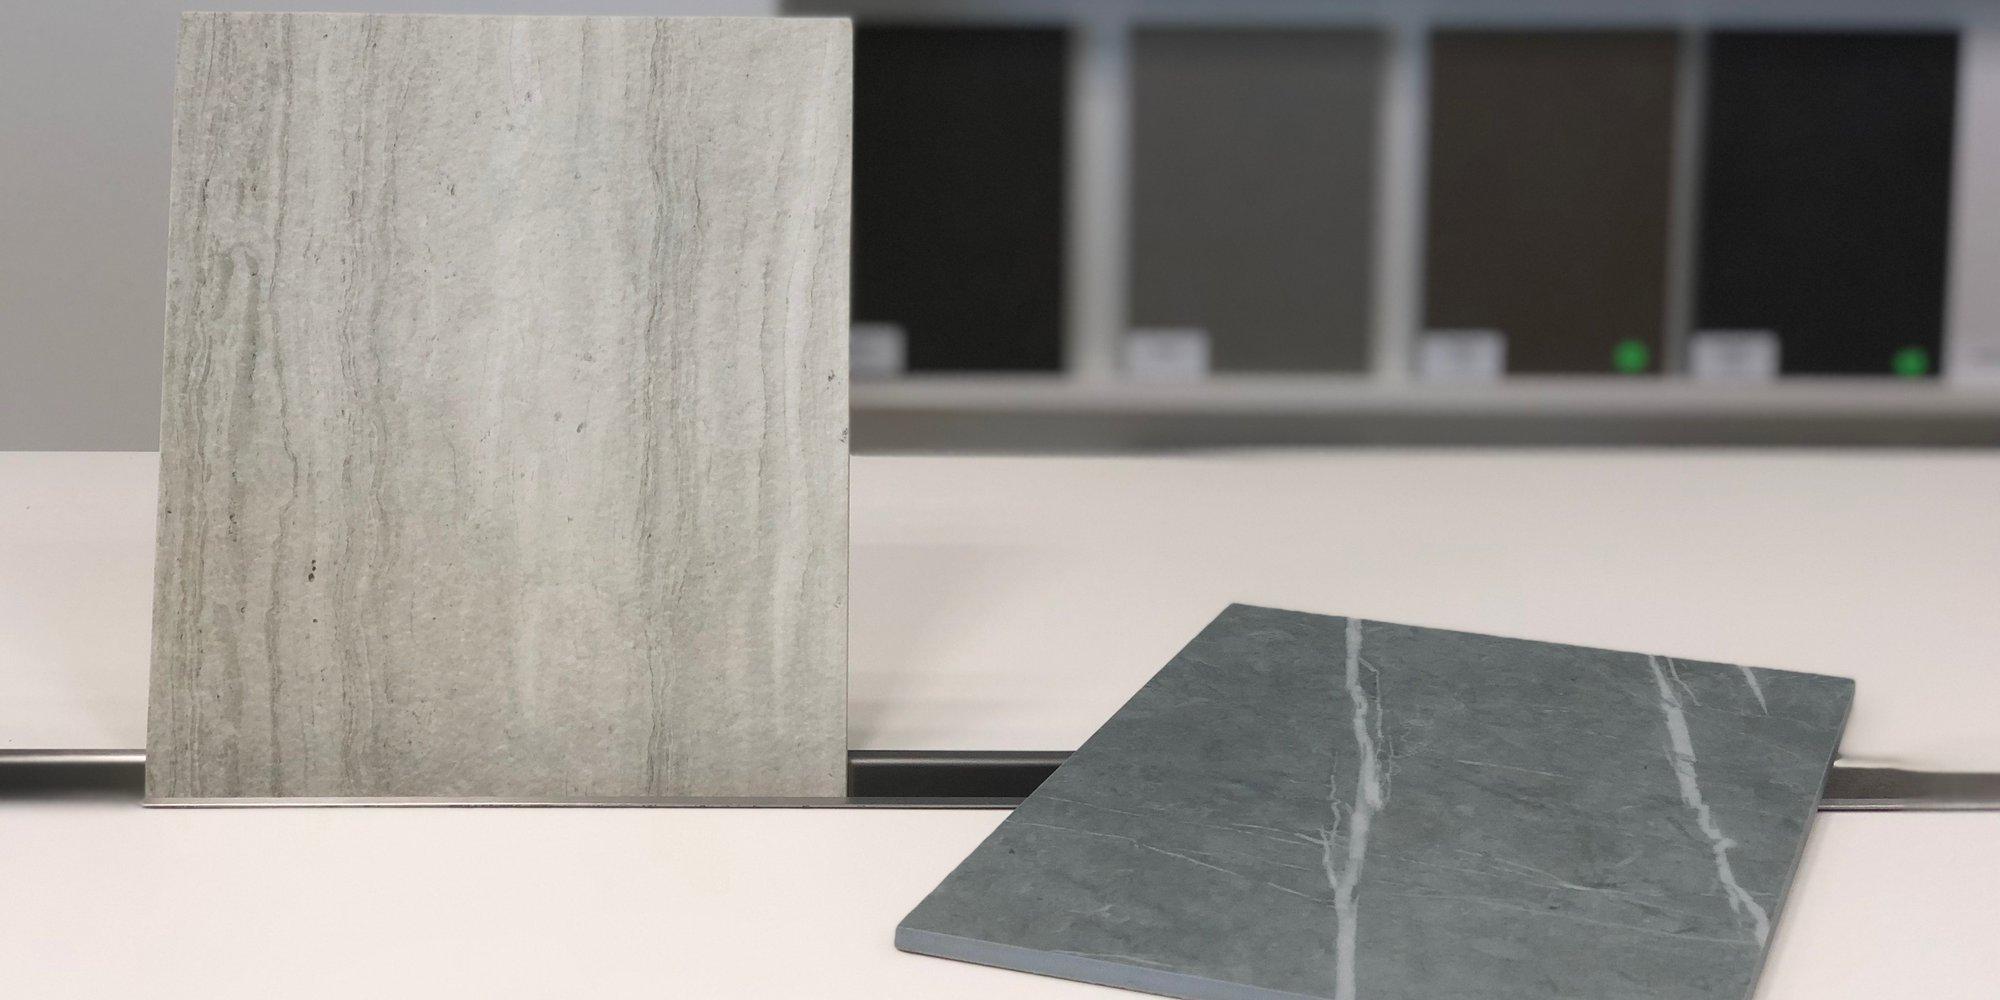 2 nieuwe kleuren keramiek: Strata Argentum Riverwashed en Zaha Stone Silk